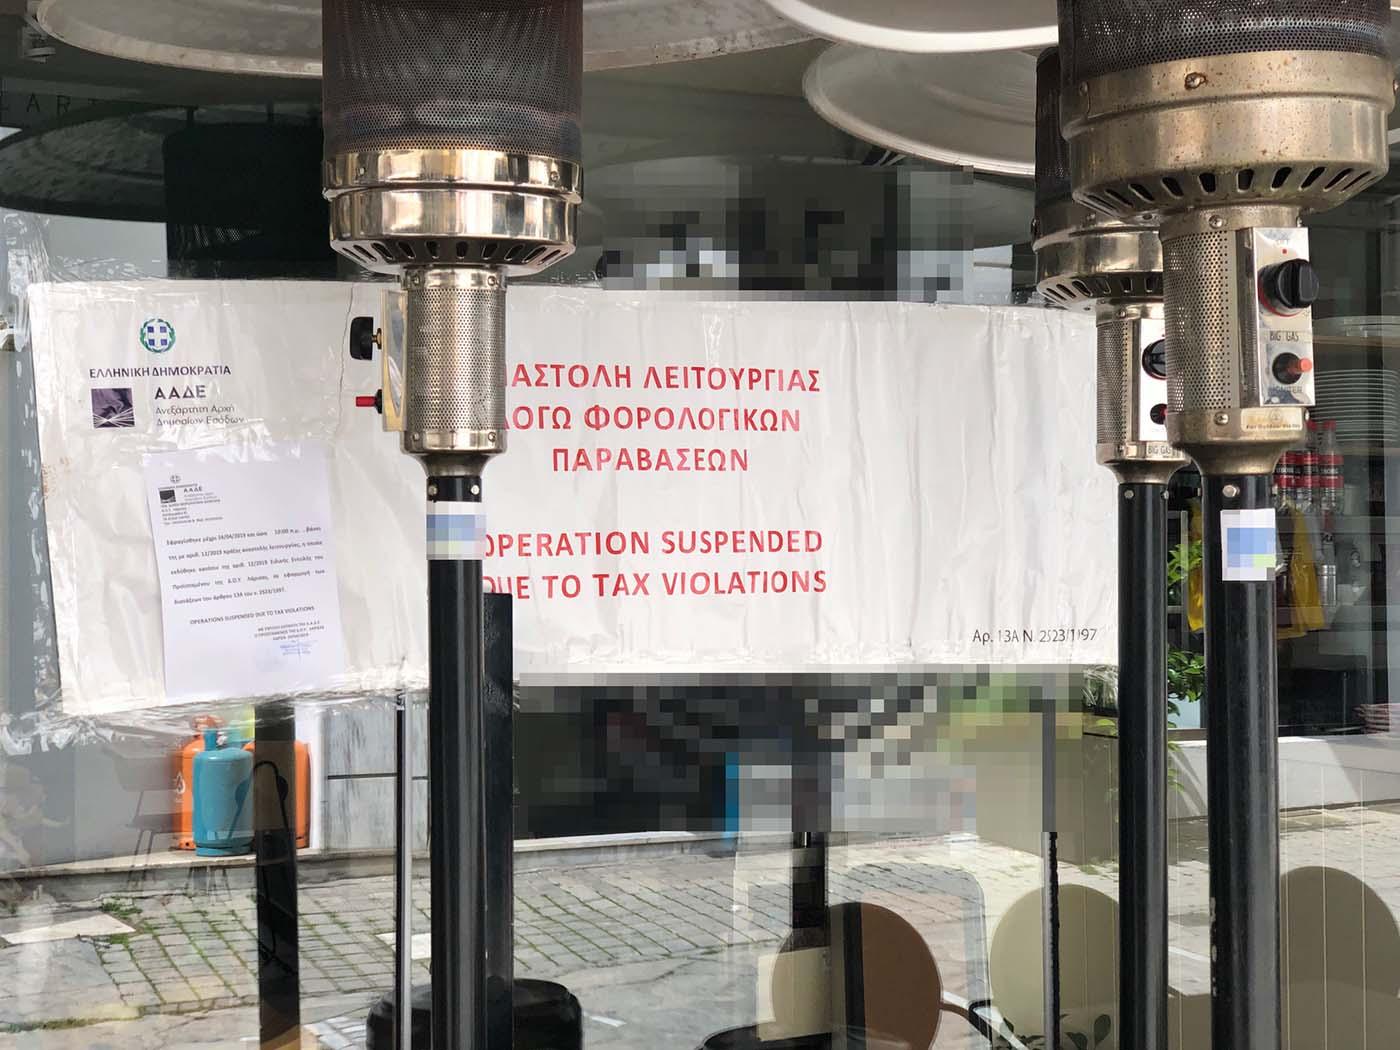 """""""Λουκέτο"""" σε γνωστή καφετέρια στο κέντρο της Λάρισας για φορολογικές παραβάσεις (φωτό)"""